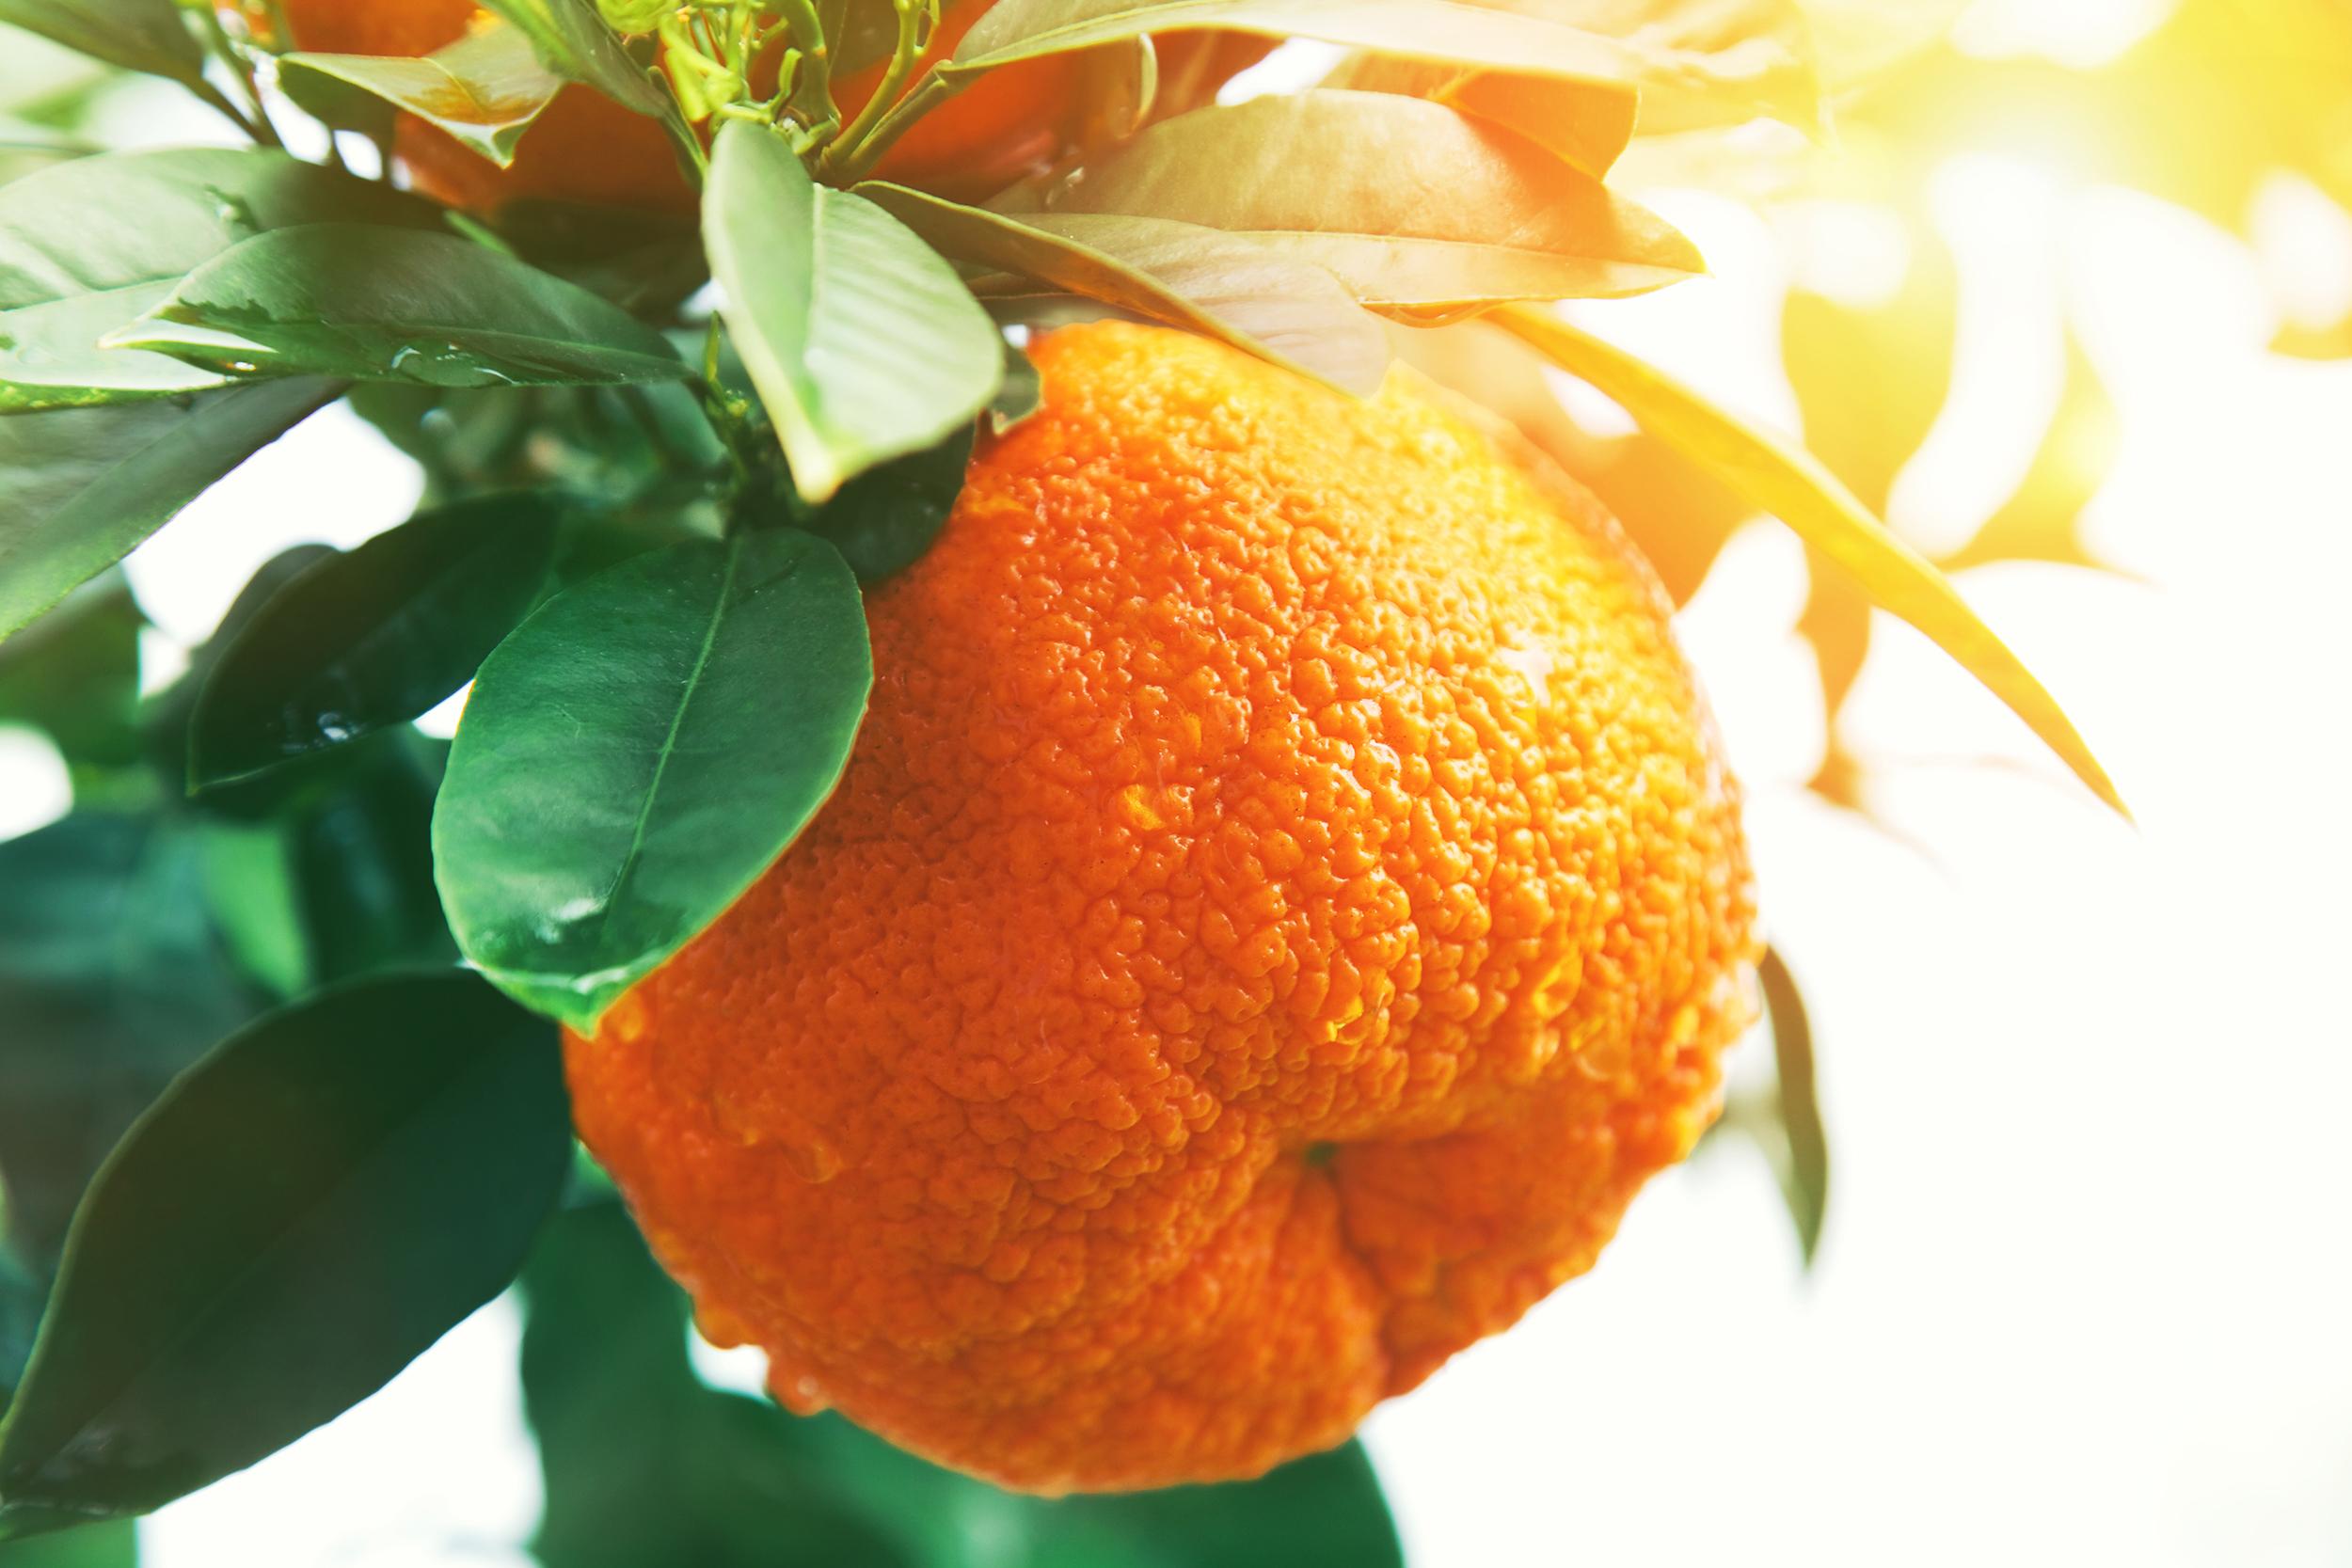 Olio essenziale di mandarini per lo spray rilassante Sweet dreams